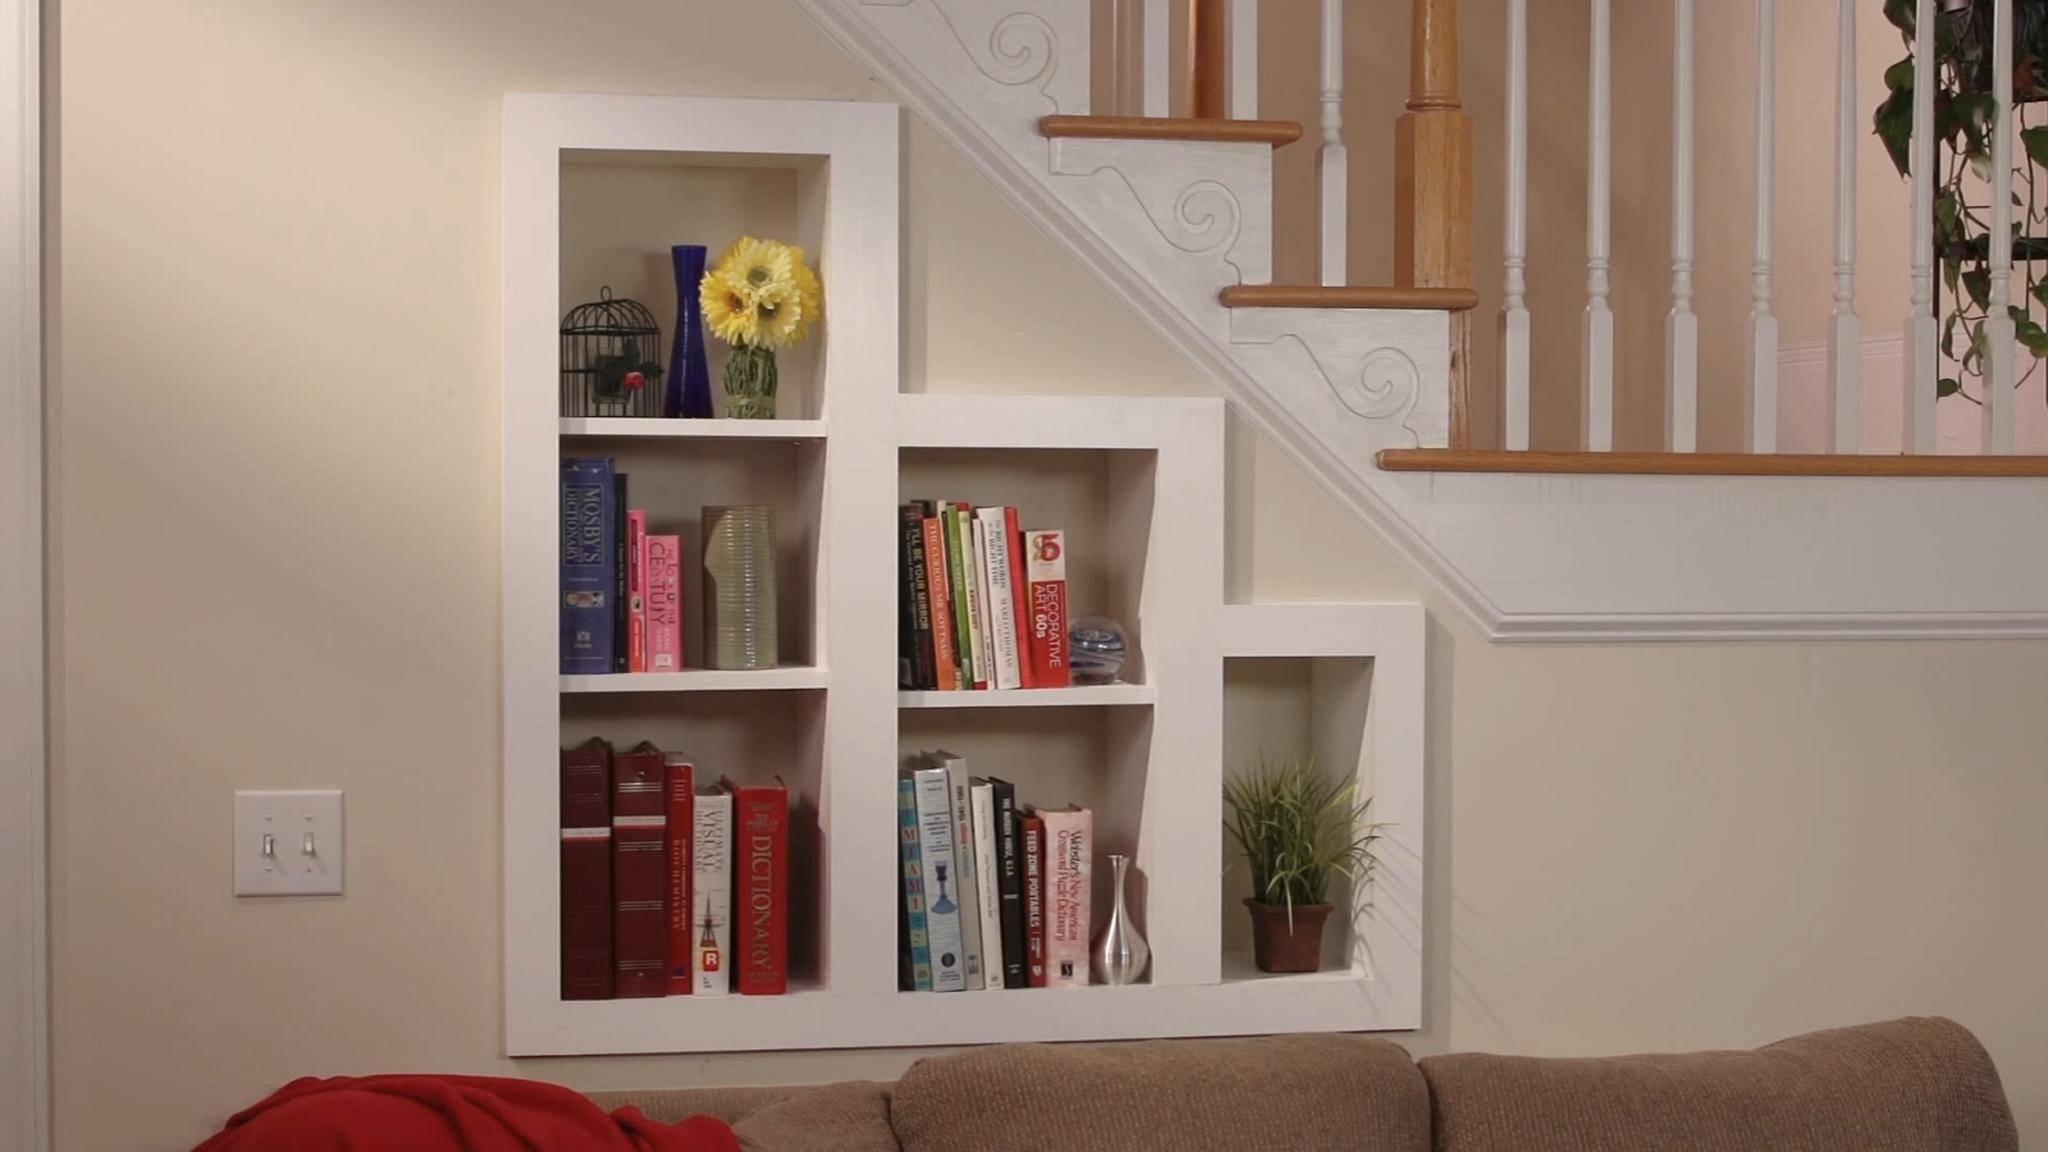 unter treppe wienkeller unter treppe glastr den raum unter der treppe sinnvoll nutzen beispiele. Black Bedroom Furniture Sets. Home Design Ideas